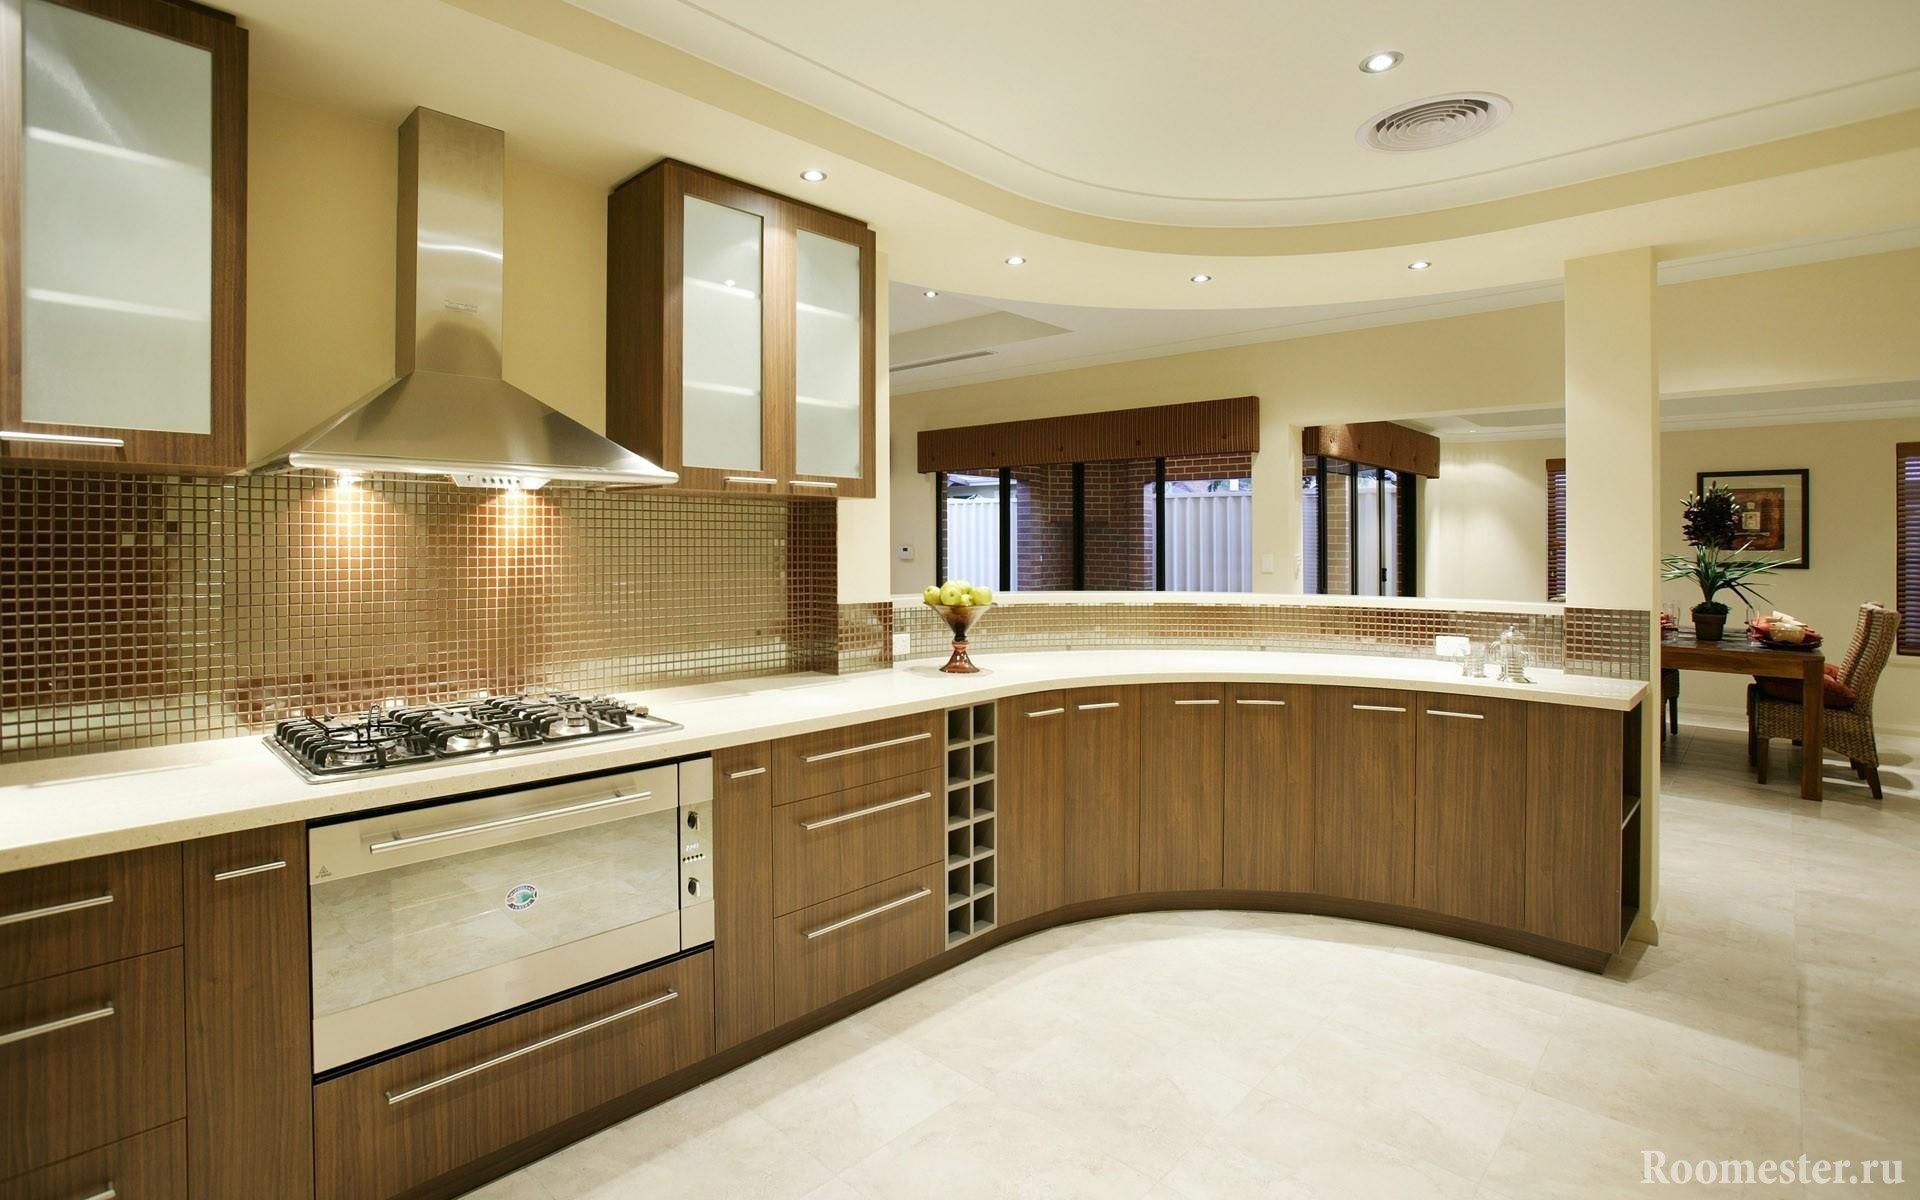 Кухня с закругленным углом